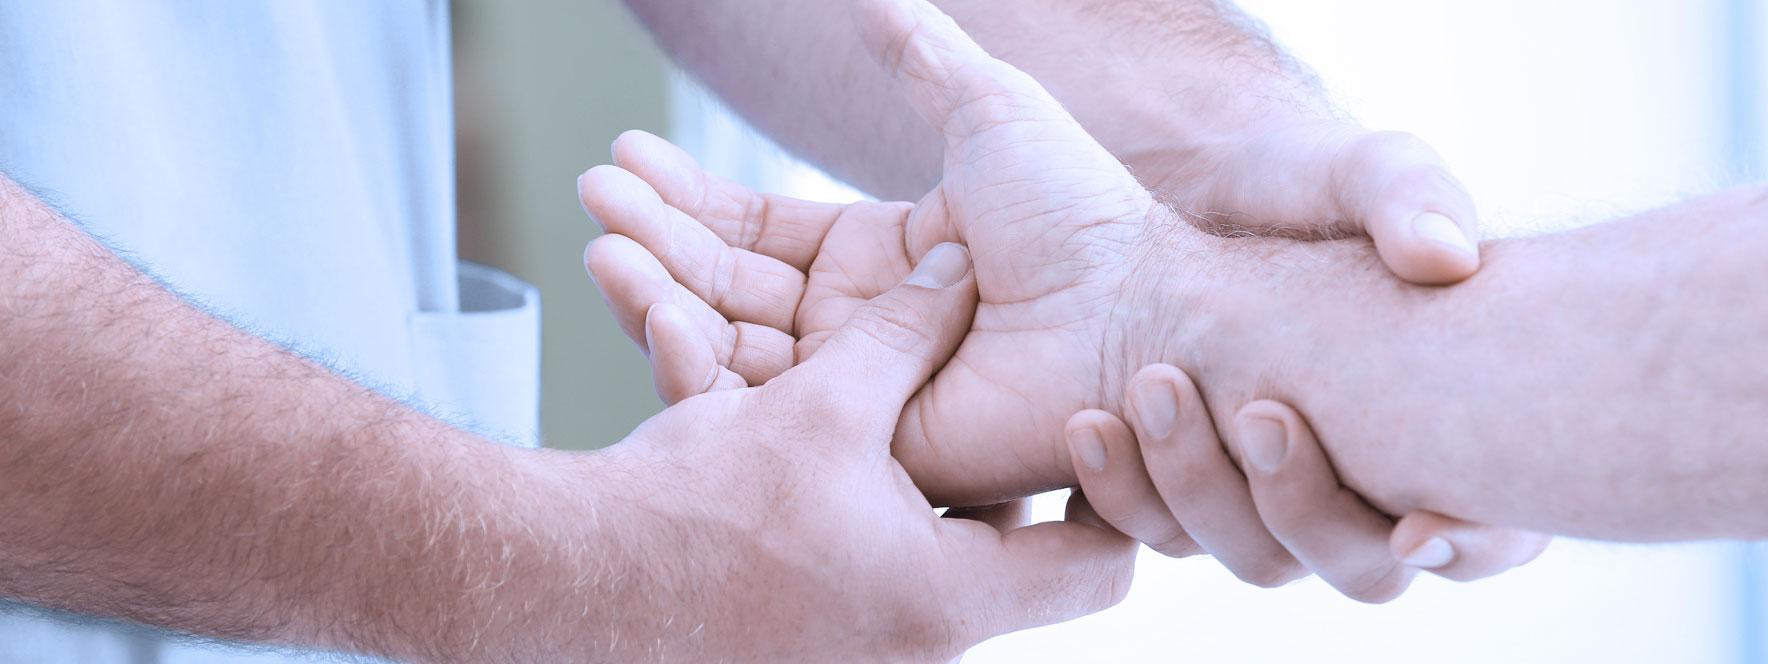 Massage de la main pour personne âgée, diminue les effets de certains maux